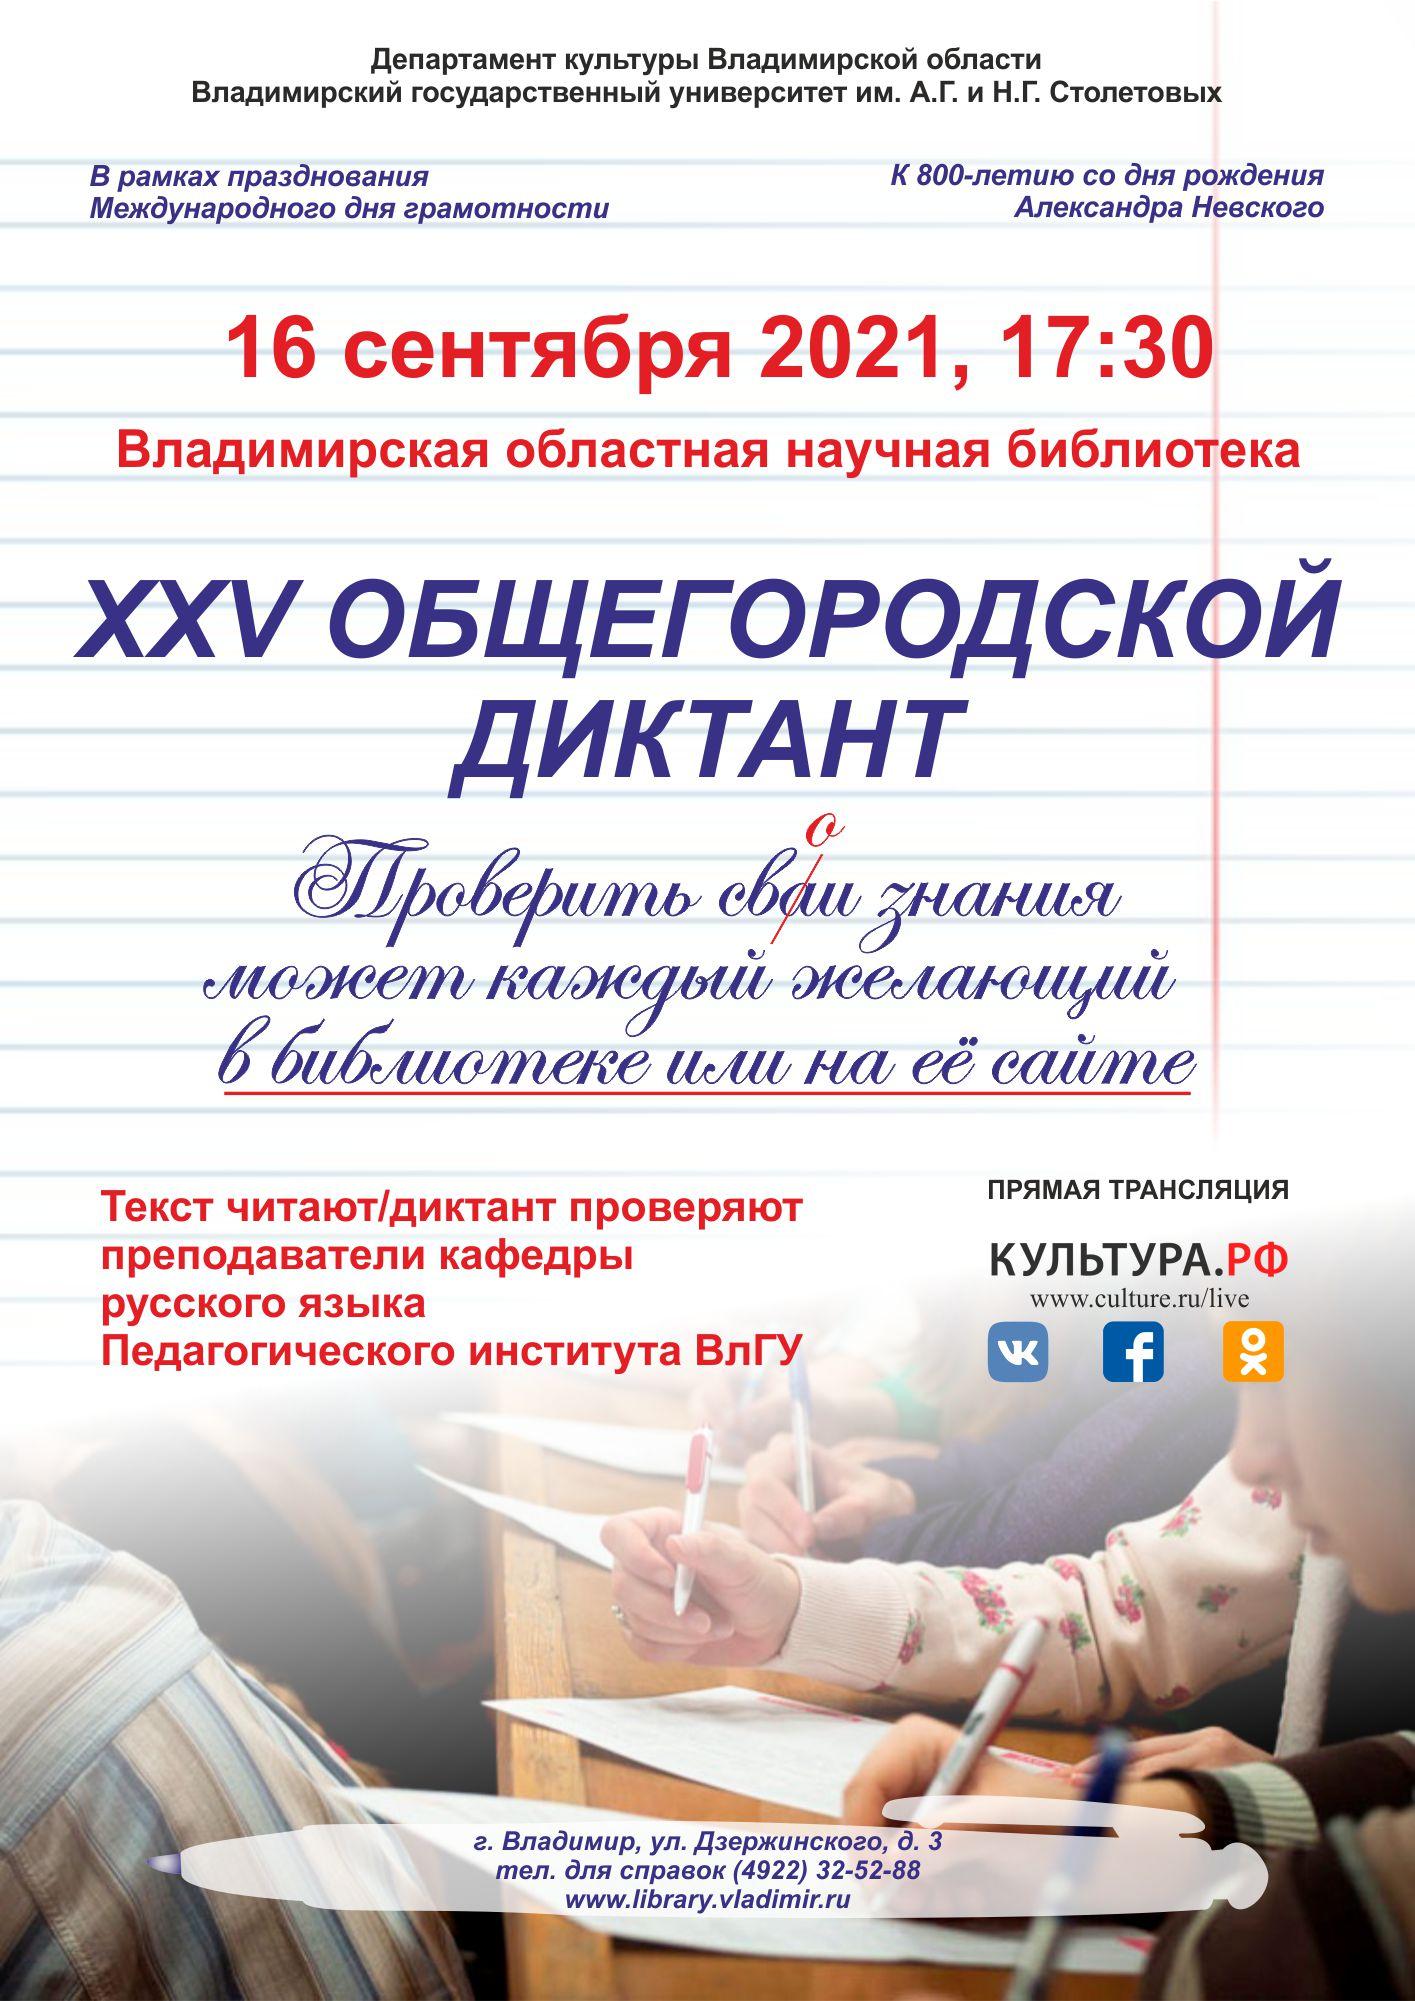 Общегородской диктант в сентябре афиша